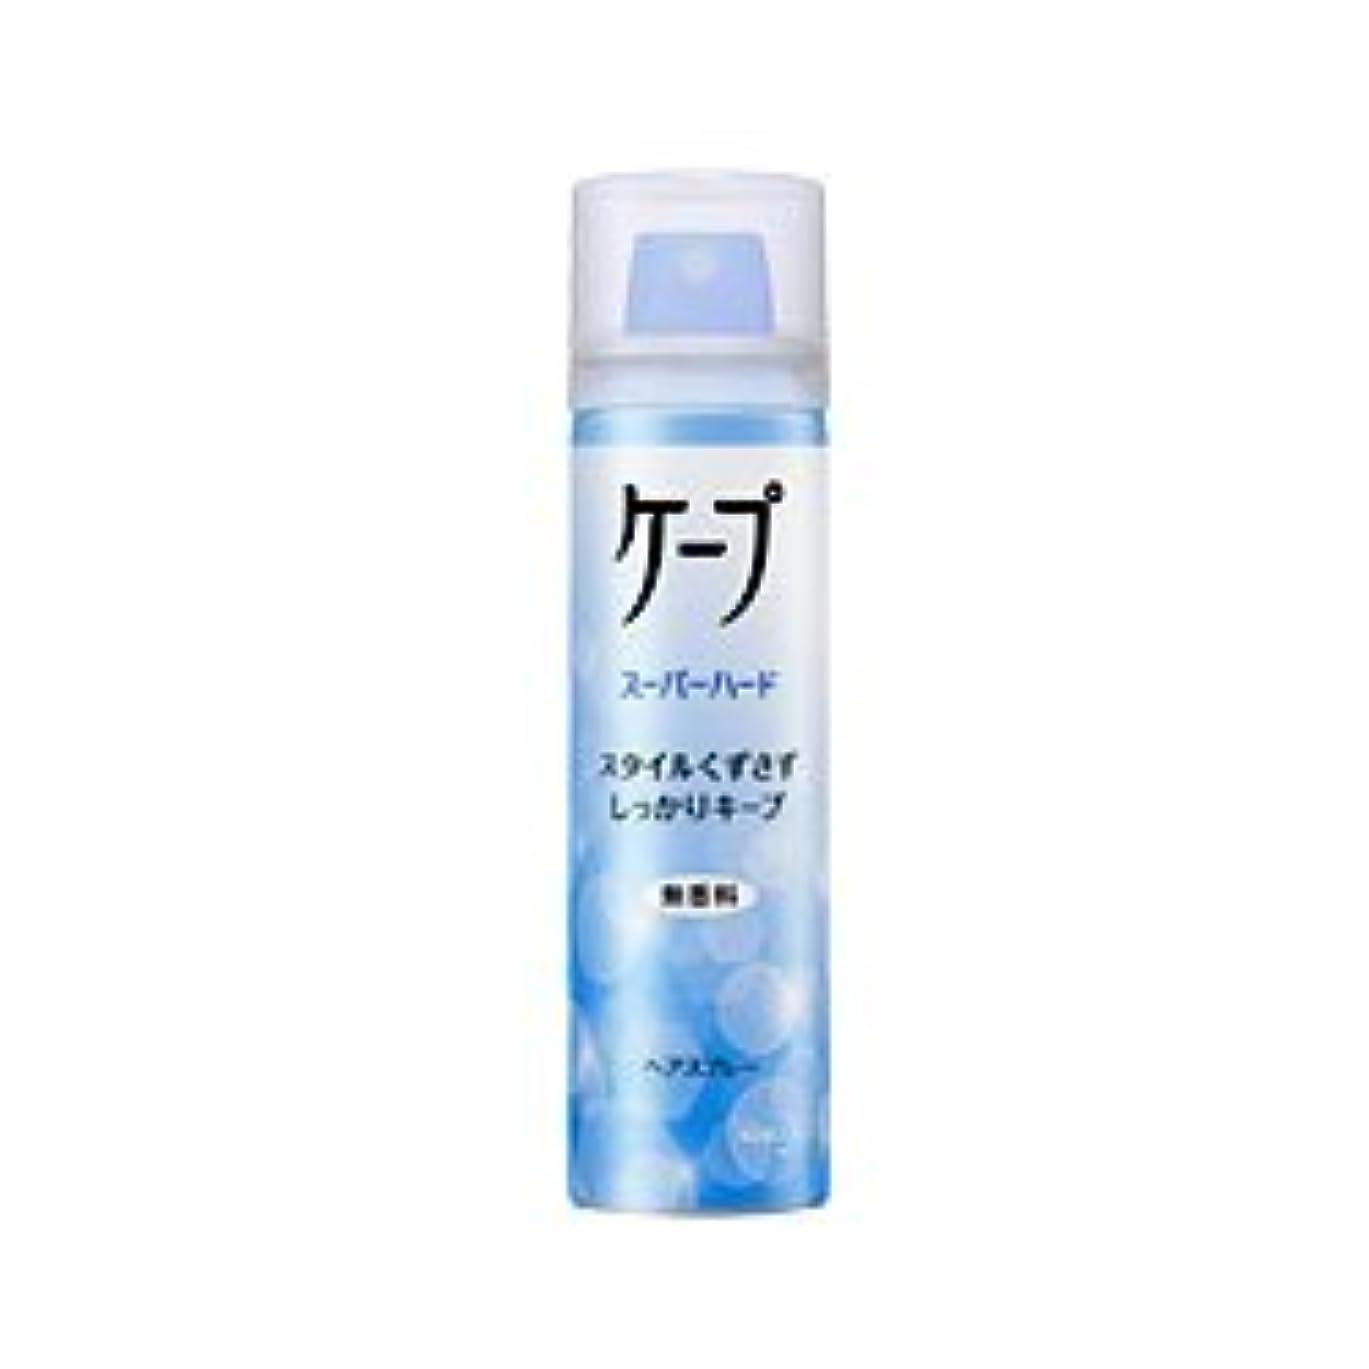 製作泣き叫ぶファイアル【花王】ケープ スーパーハード 無香料 50g ×10個セット